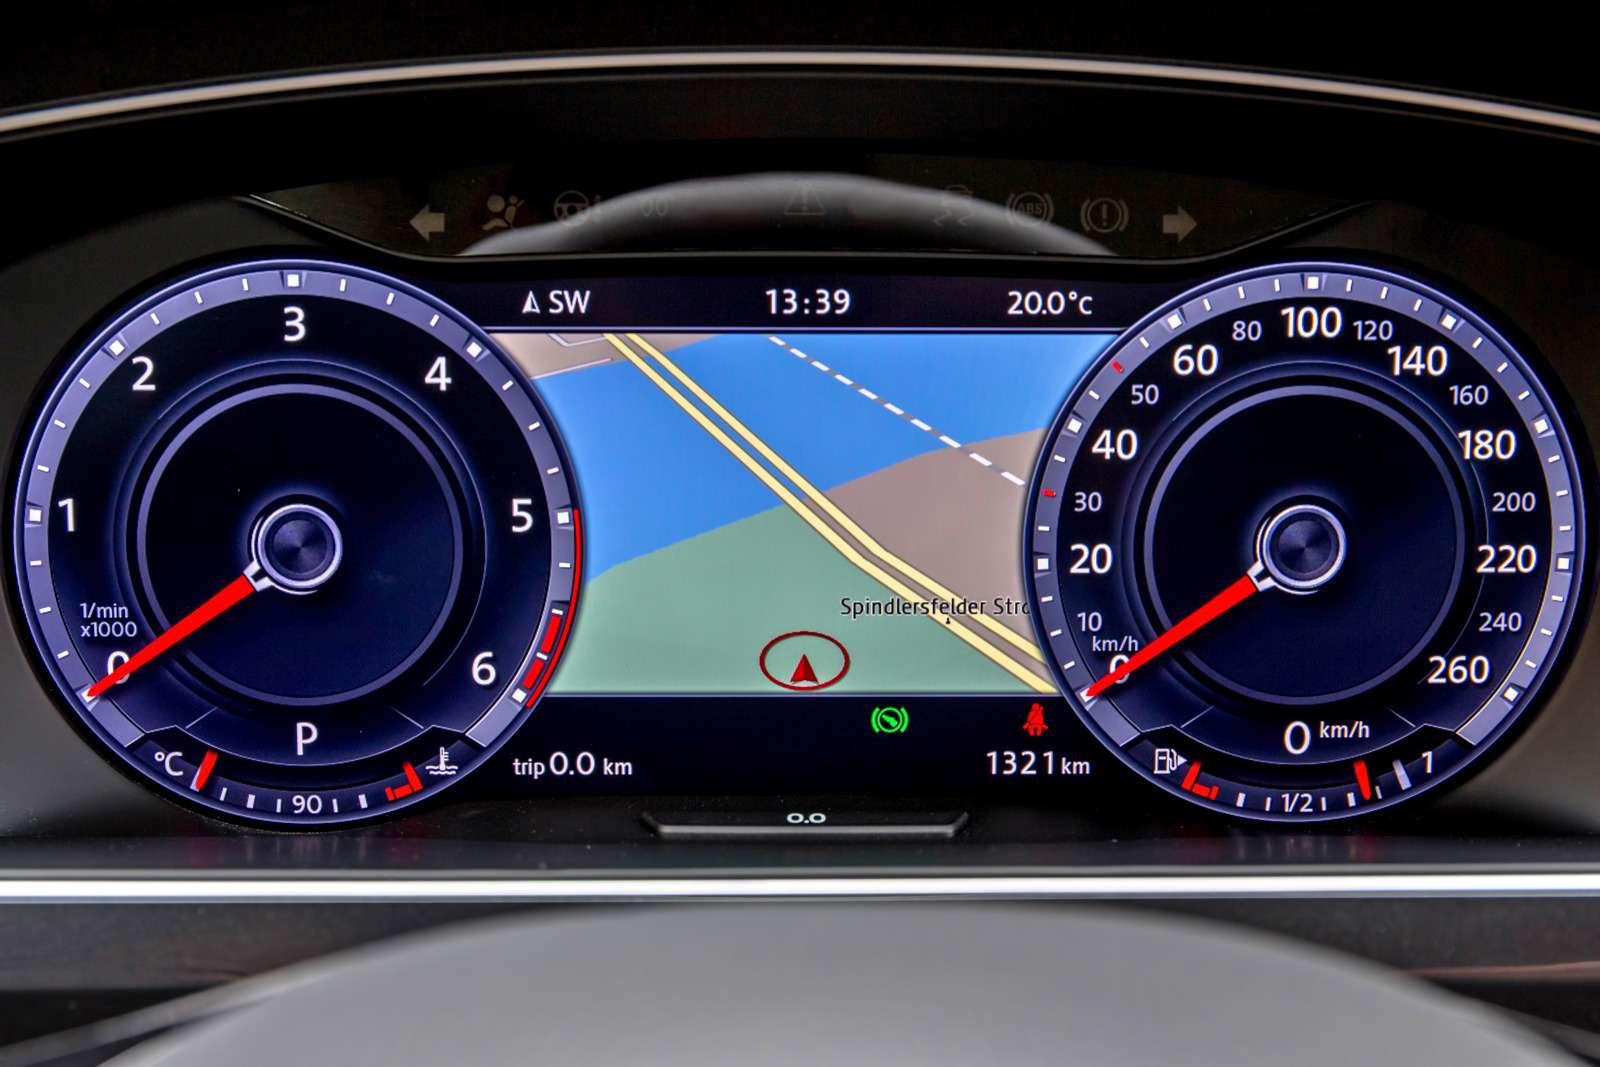 Тест нового Volkswagen Tiguan: победа экологов надавтоспортсменами— фото 594453